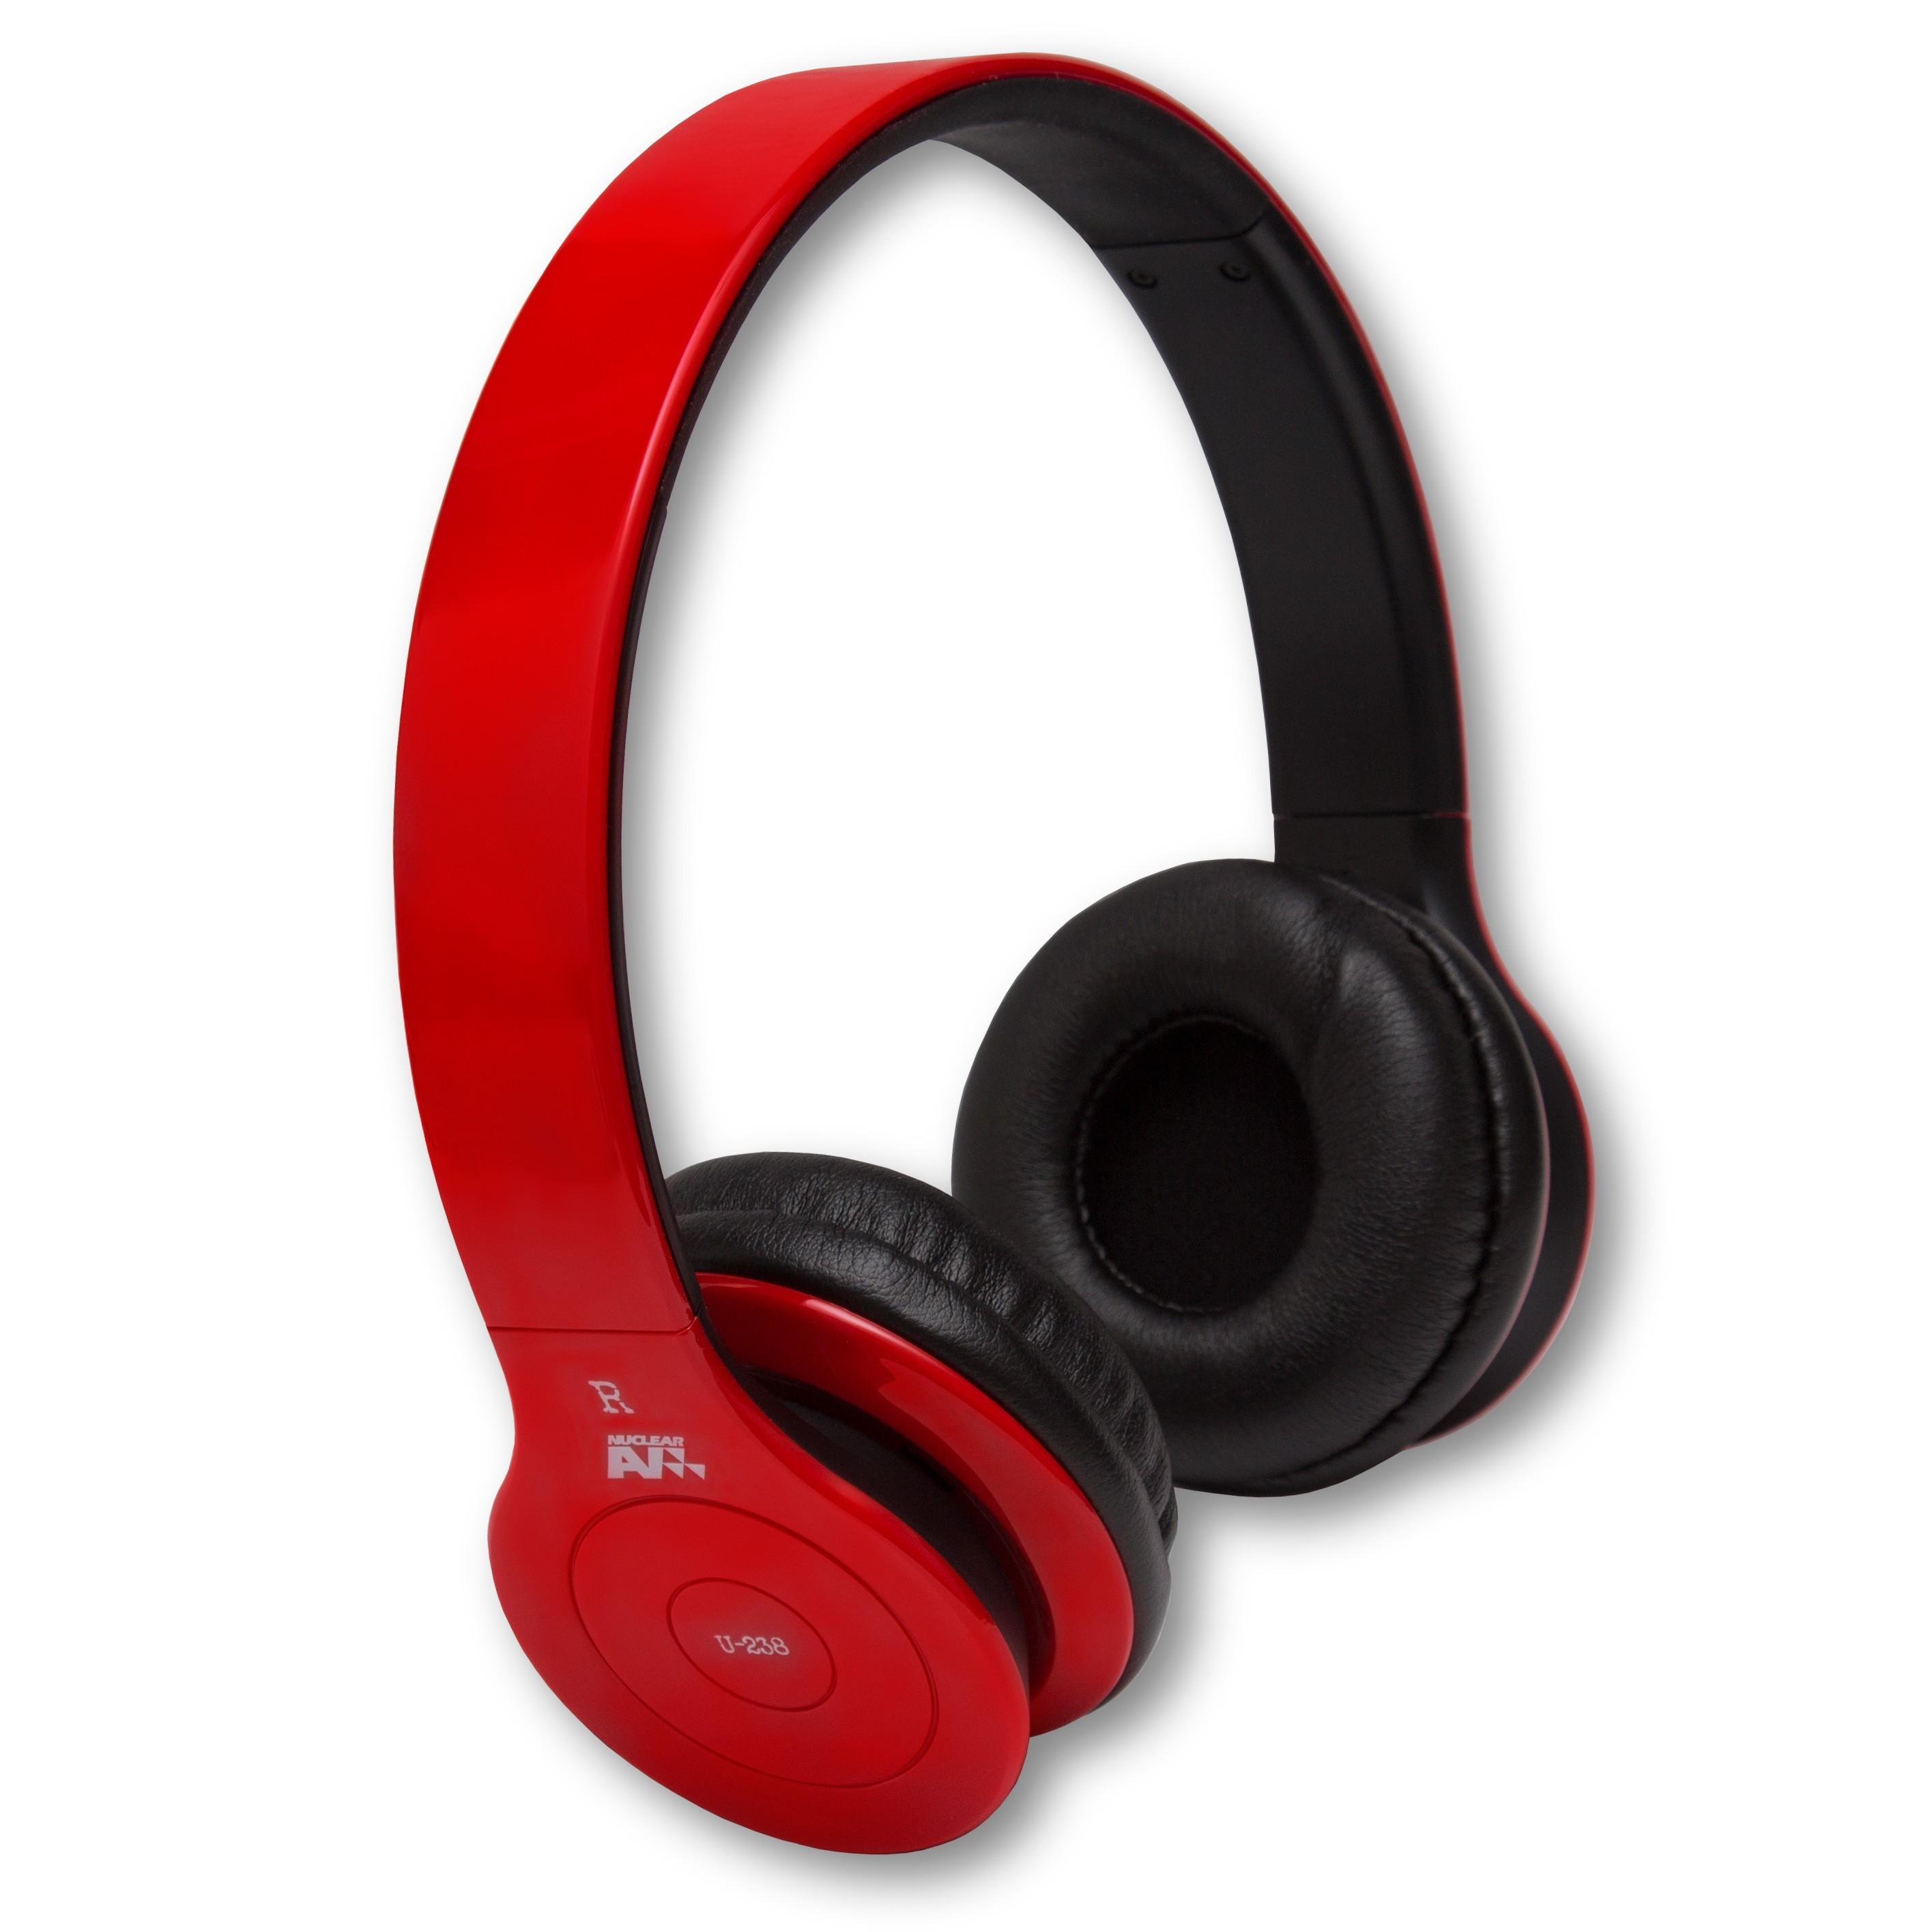 NuclearAV U-238 Uranium Series Bluetooth Headphones - Red